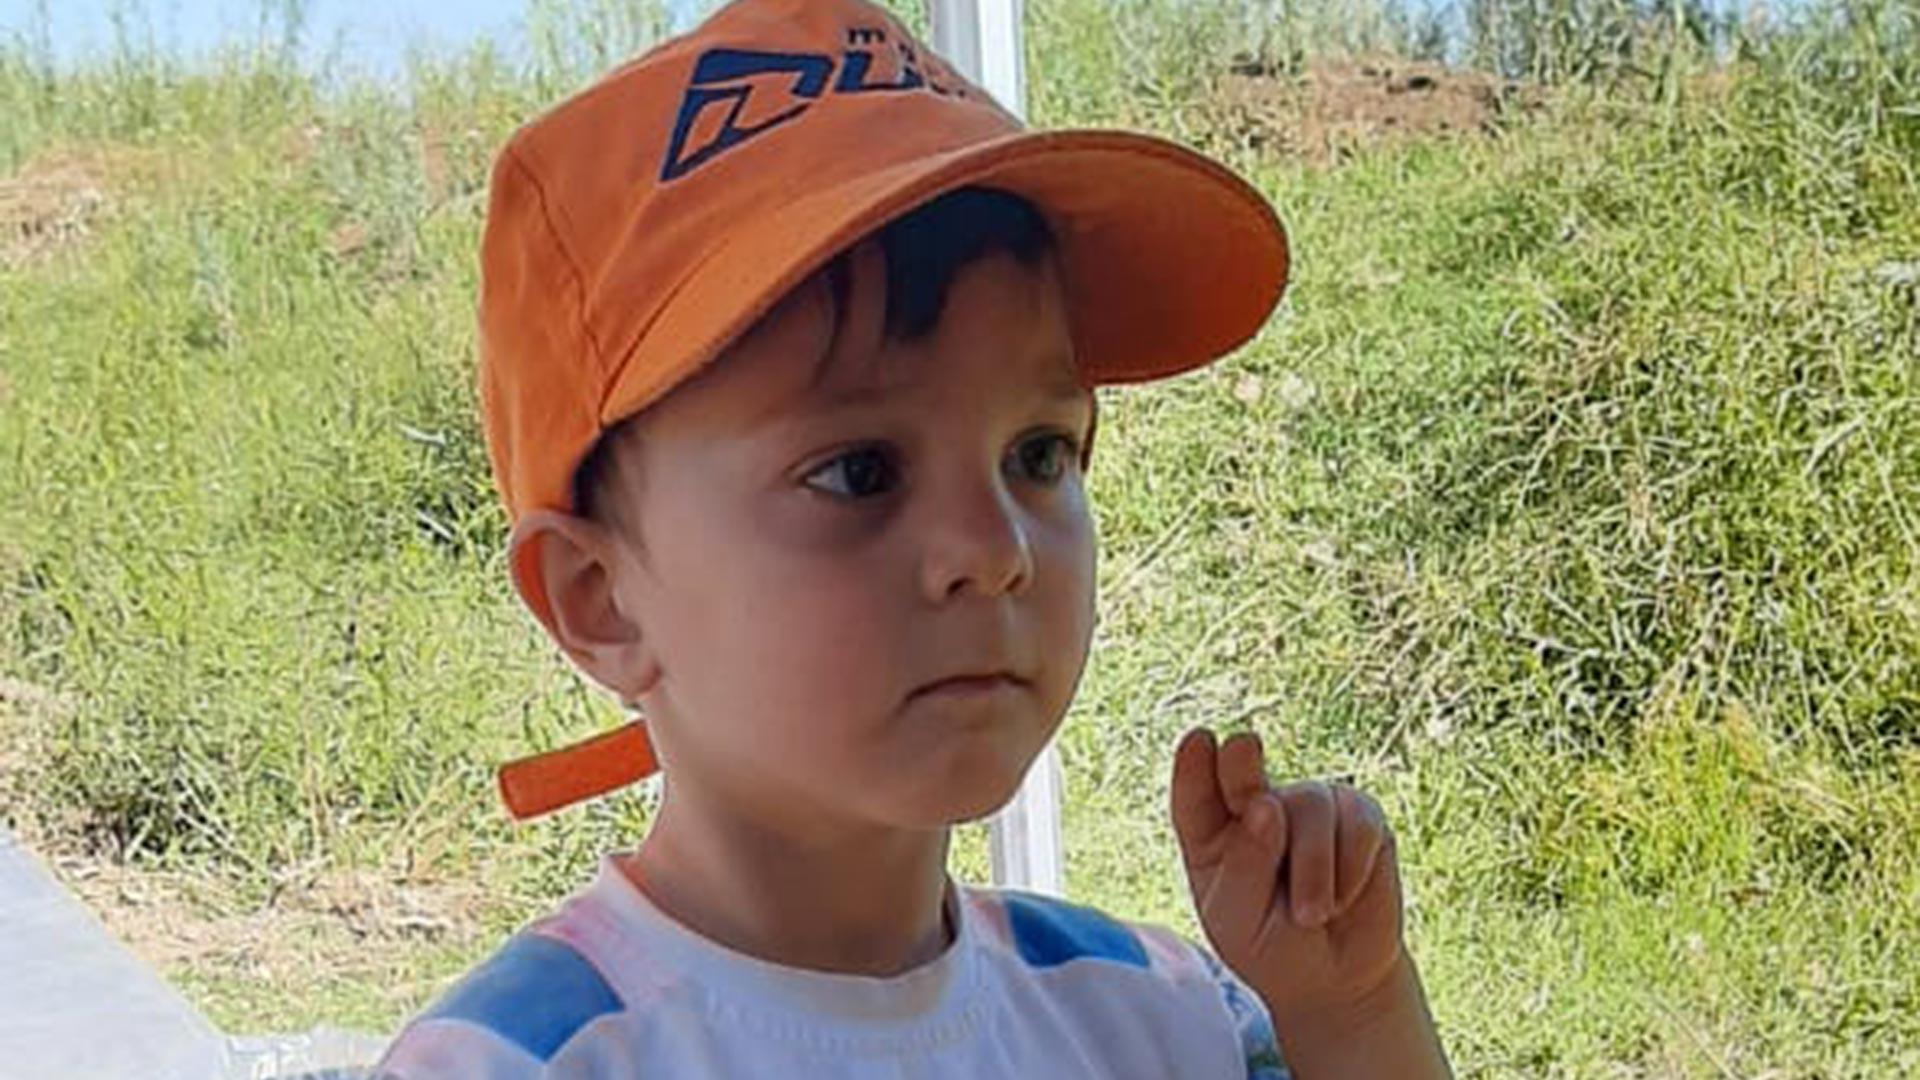 Encontraron muerto a Santiago, el nene de tres años que había desaparecido en Neuquén